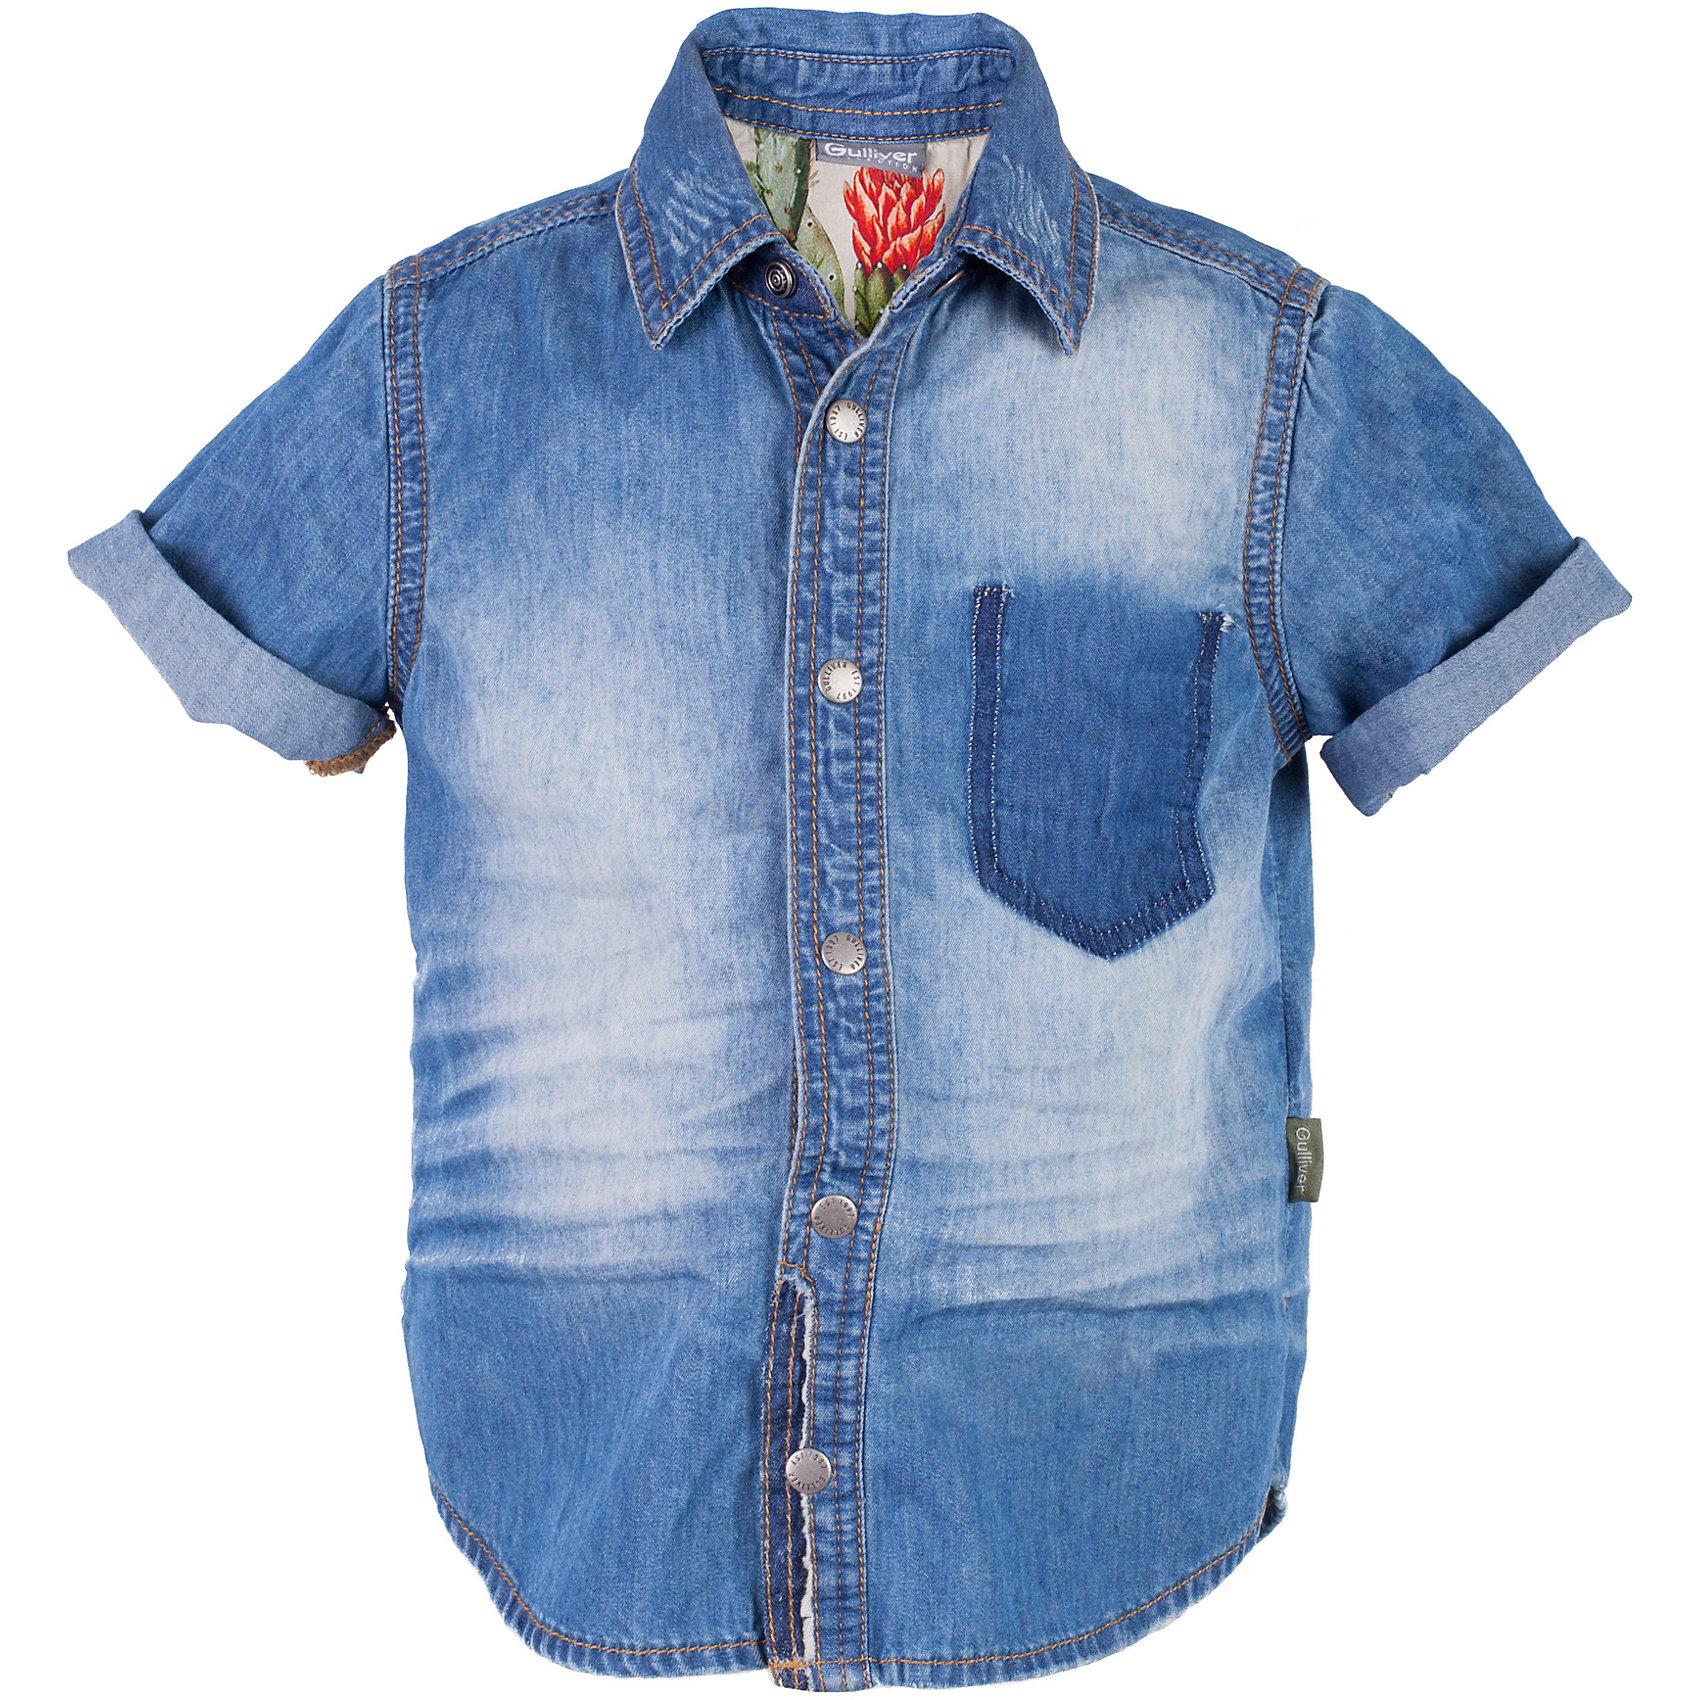 Рубашка для мальчика GulliverДжинсовая рубашка для мальчика входит в Топ 10 самых популярных моделей сезона Весна/Лето 2017! Модная форма, классная варка, замины, повреждения, заплатки делают рубашку ярким акцентом повседневного образа. Симпатичный элемент, внутренняя кокетка спинки, созданная из цветного текстиля, говорит о продуманности и внимании к деталям. Стильная джинсовая рубашка - идеальный вариант для тех, кто идет в ногу со временем, предпочитая безупречный стиль и элегантность от Gulliver.<br>Состав:<br>100% хлопок<br><br>Ширина мм: 174<br>Глубина мм: 10<br>Высота мм: 169<br>Вес г: 157<br>Цвет: синий<br>Возраст от месяцев: 24<br>Возраст до месяцев: 36<br>Пол: Мужской<br>Возраст: Детский<br>Размер: 98,104,110,116<br>SKU: 5483796